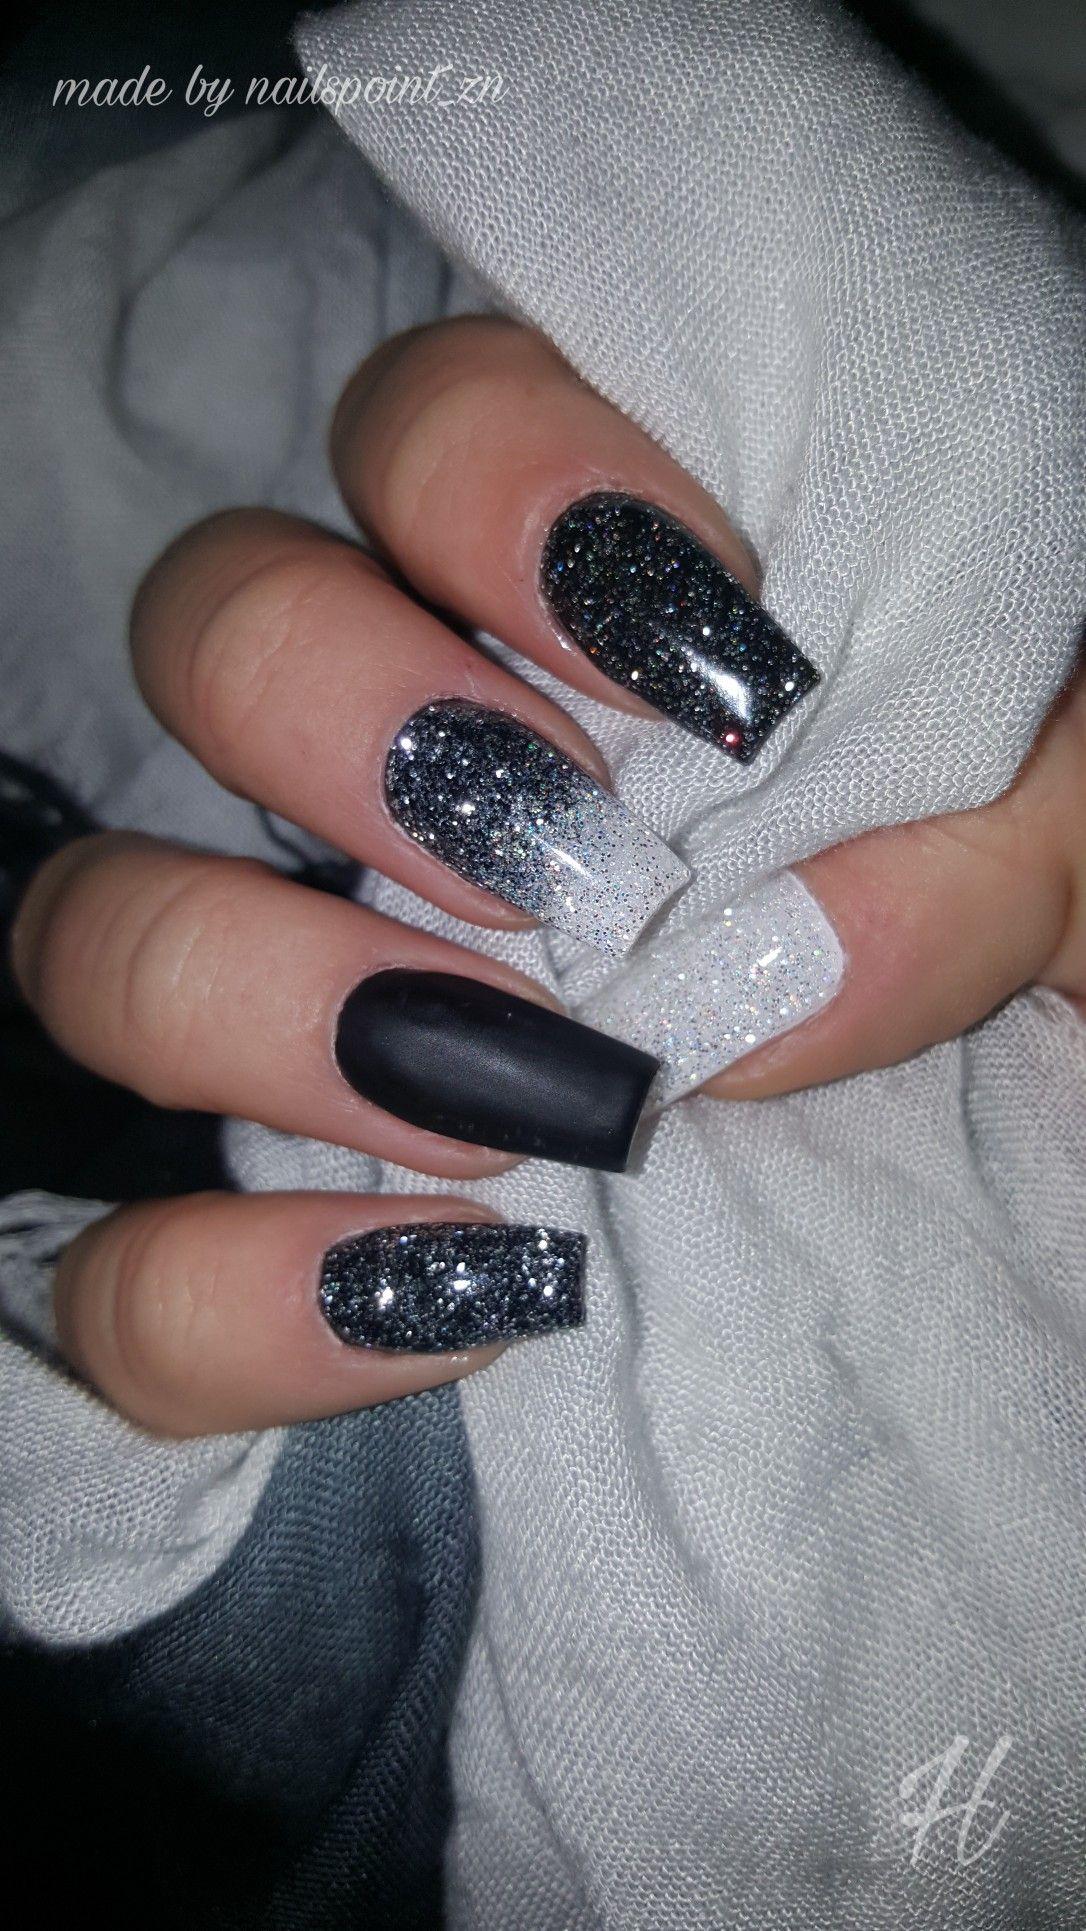 schwarz wei n gel nails glitzer verlauf new nails made by nailspoint zn sch ne n gel